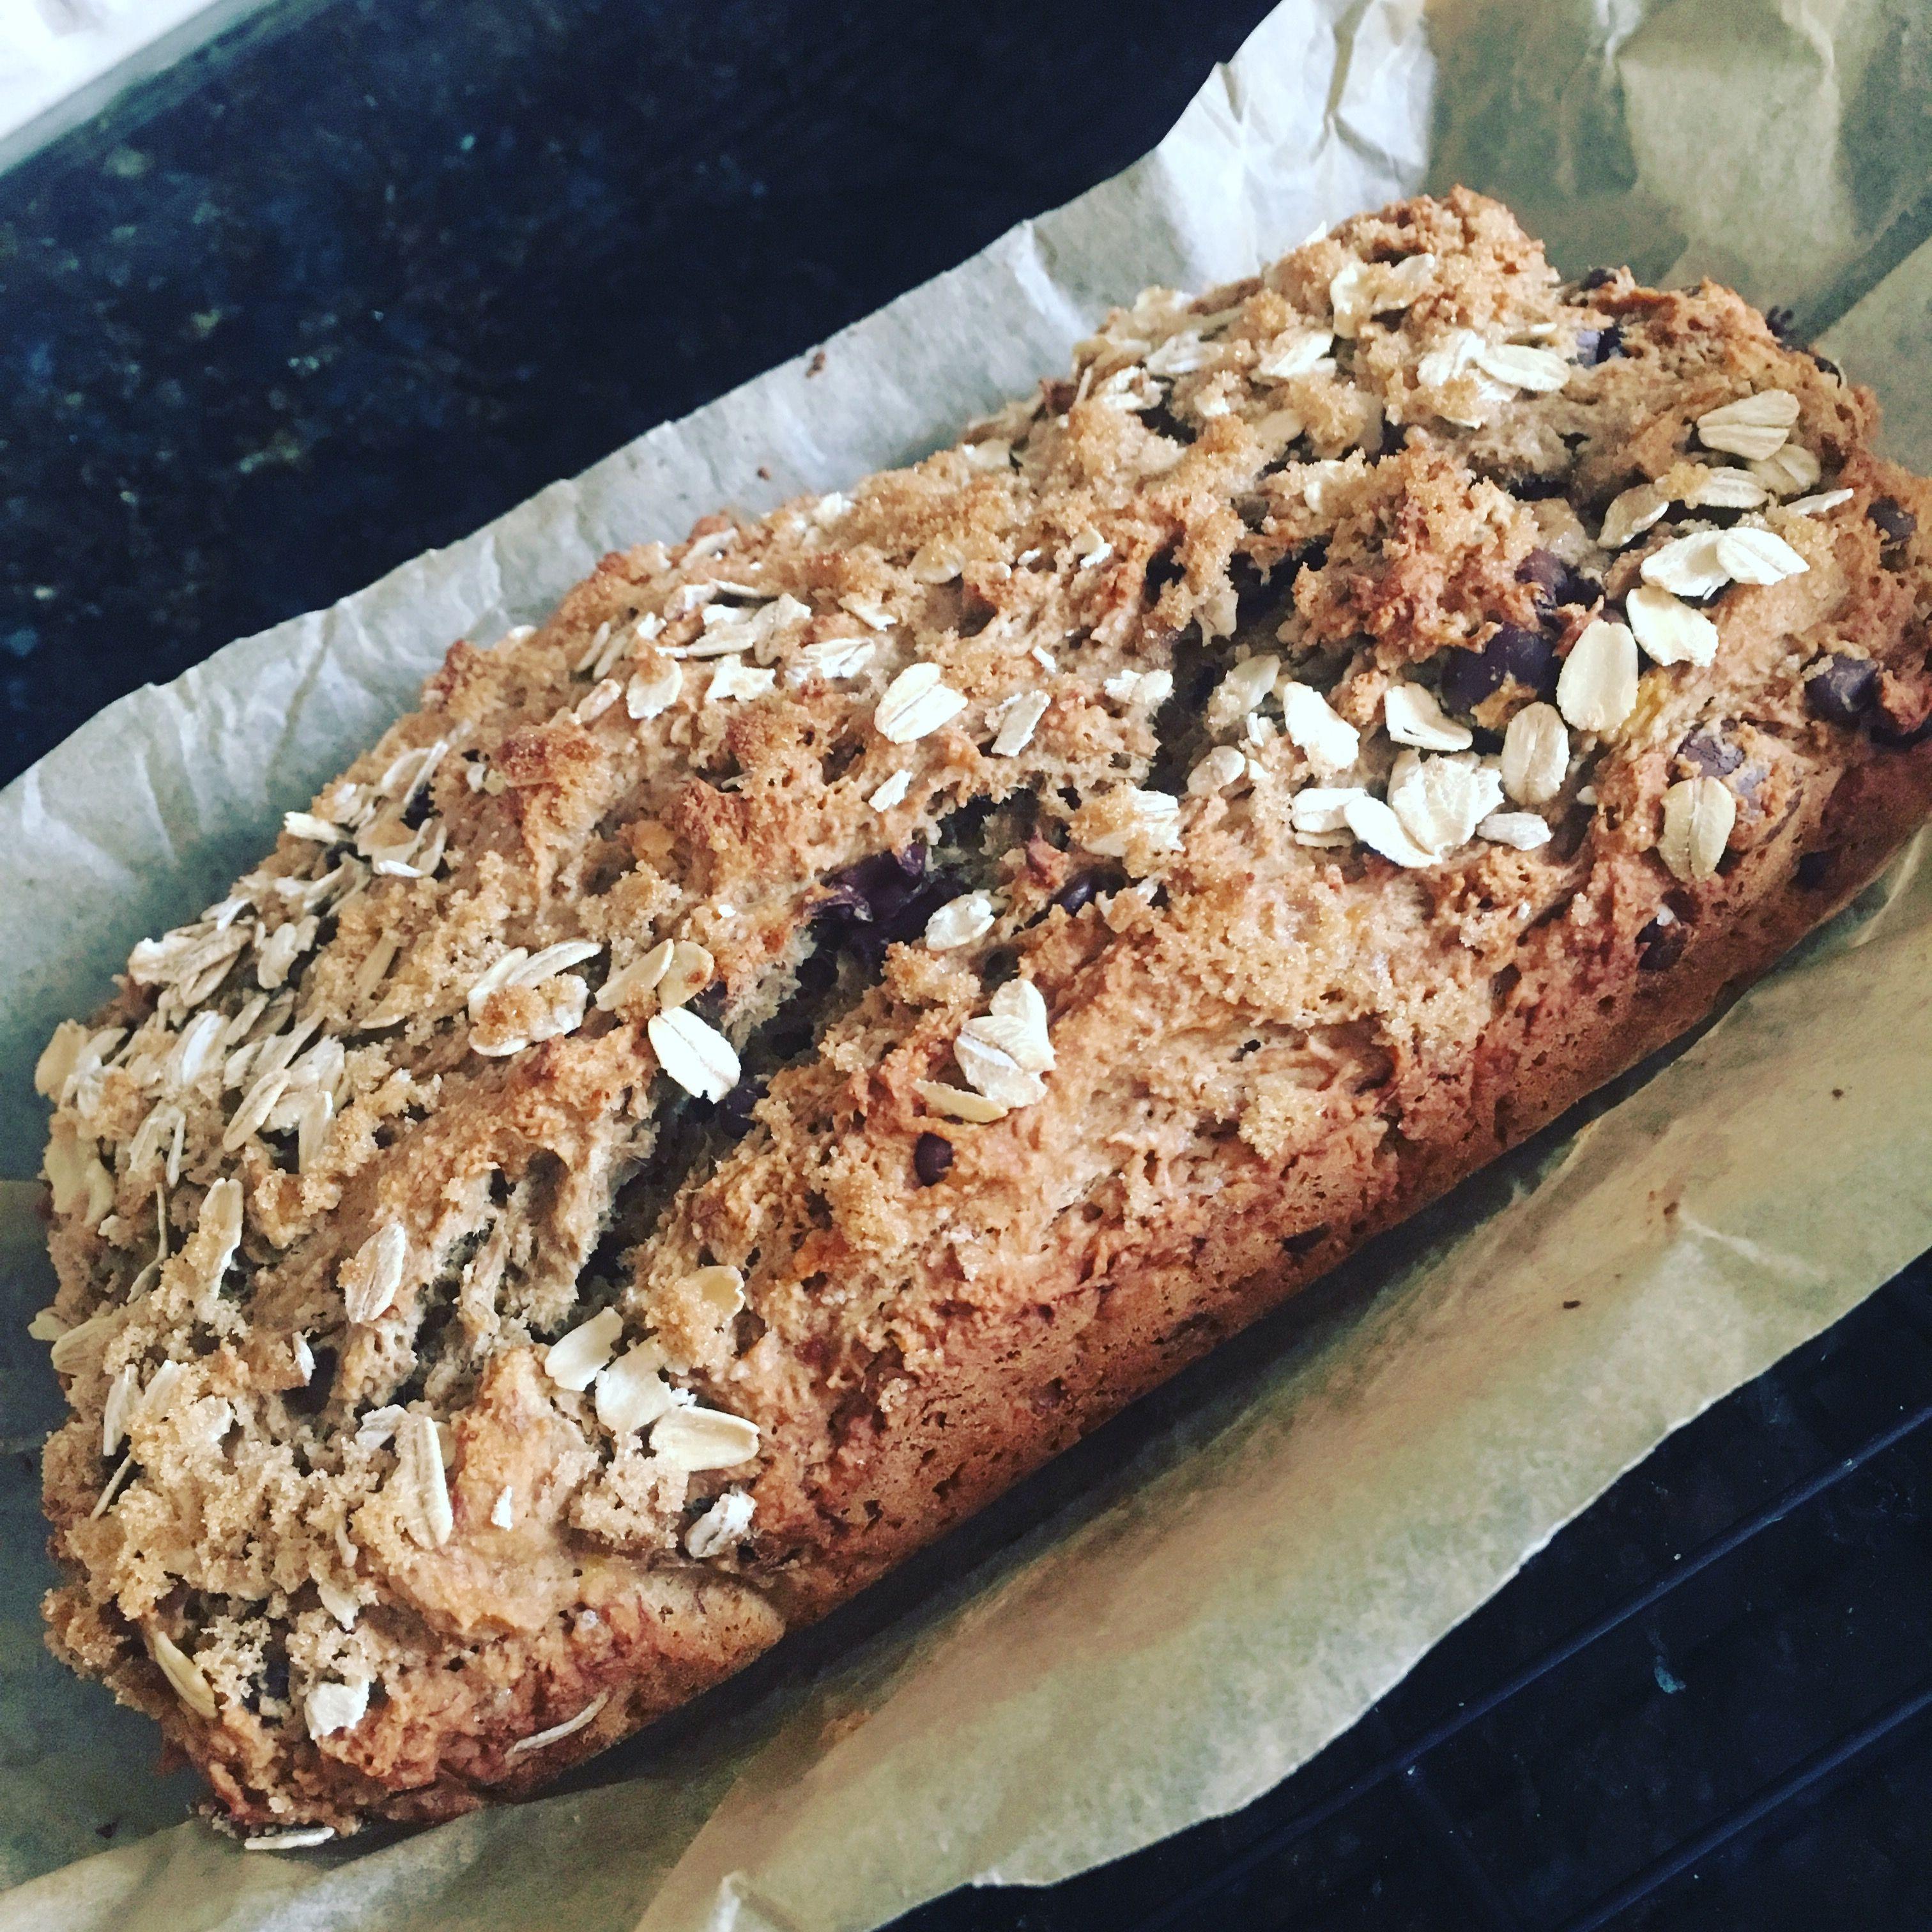 Gluten free vegan banana chocolate chip bread